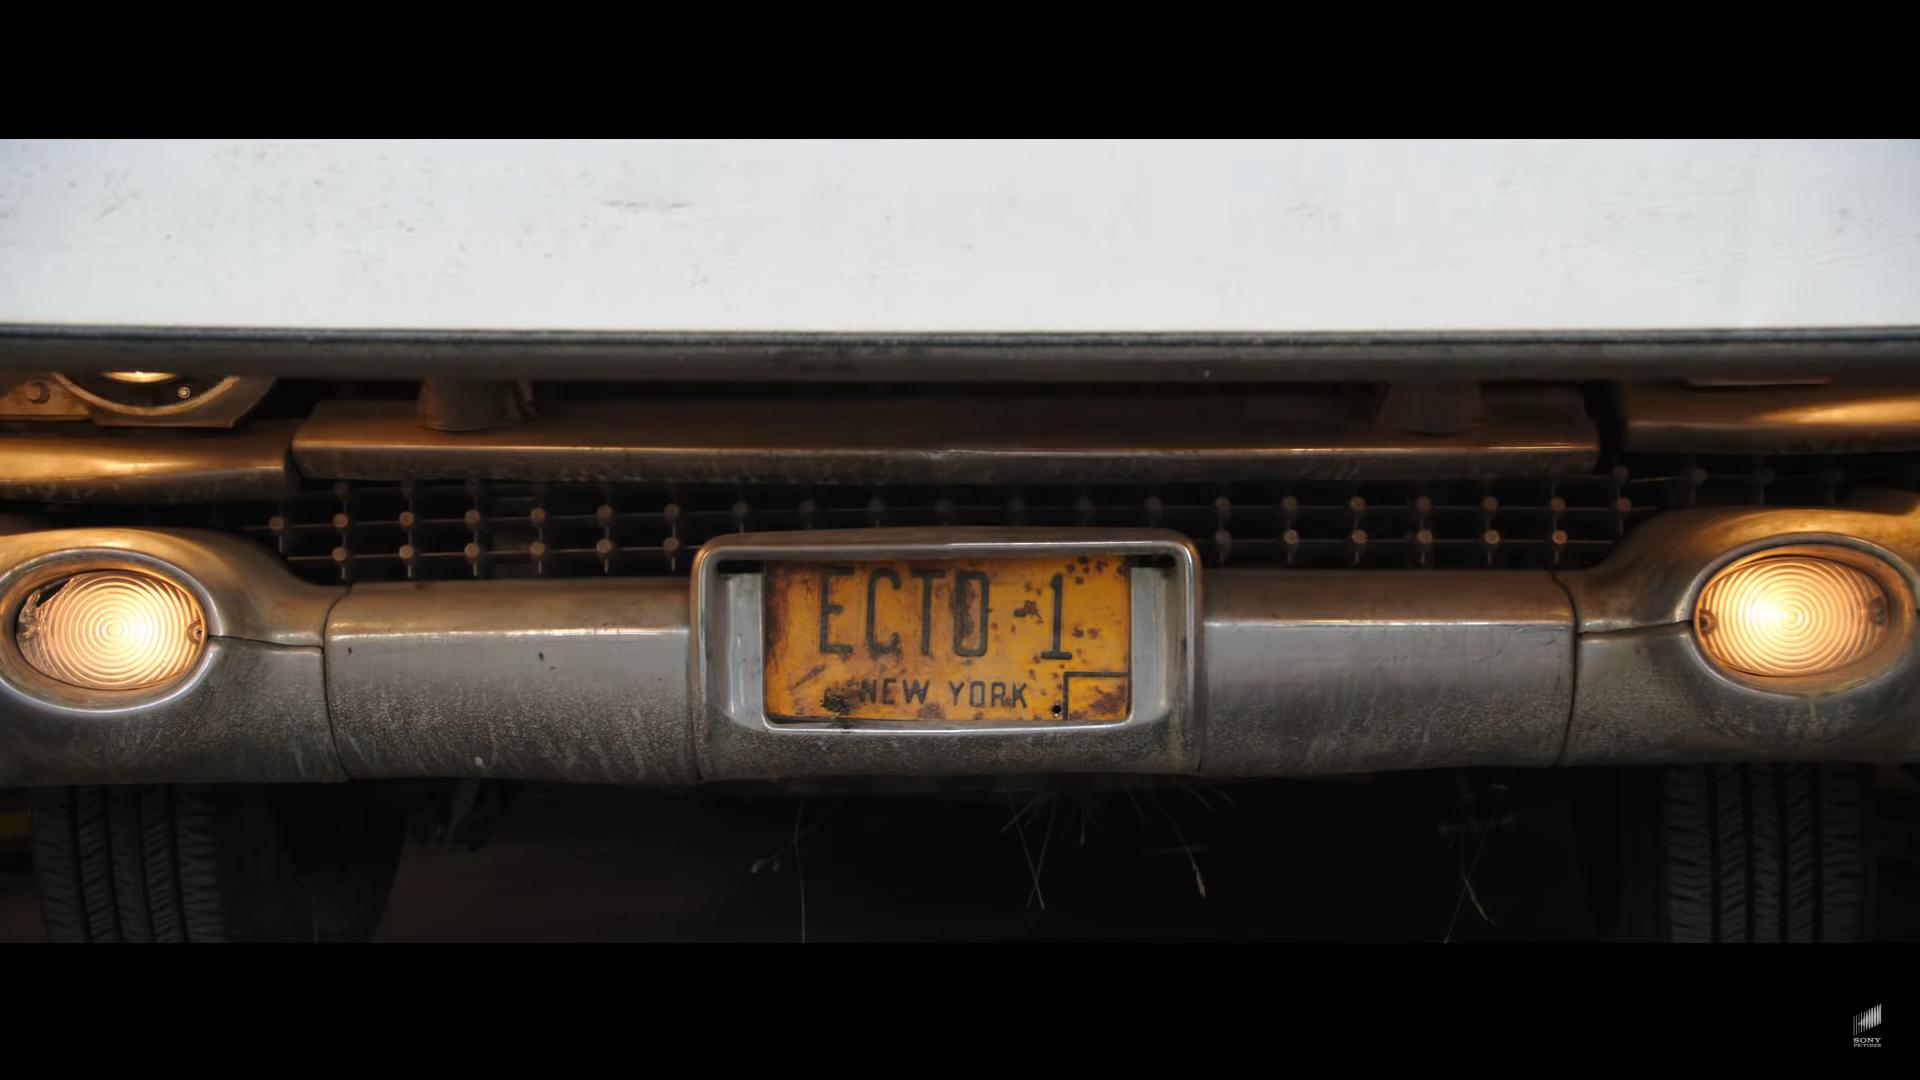 Ghostbusters Ecto-1 detail kentekenplaat